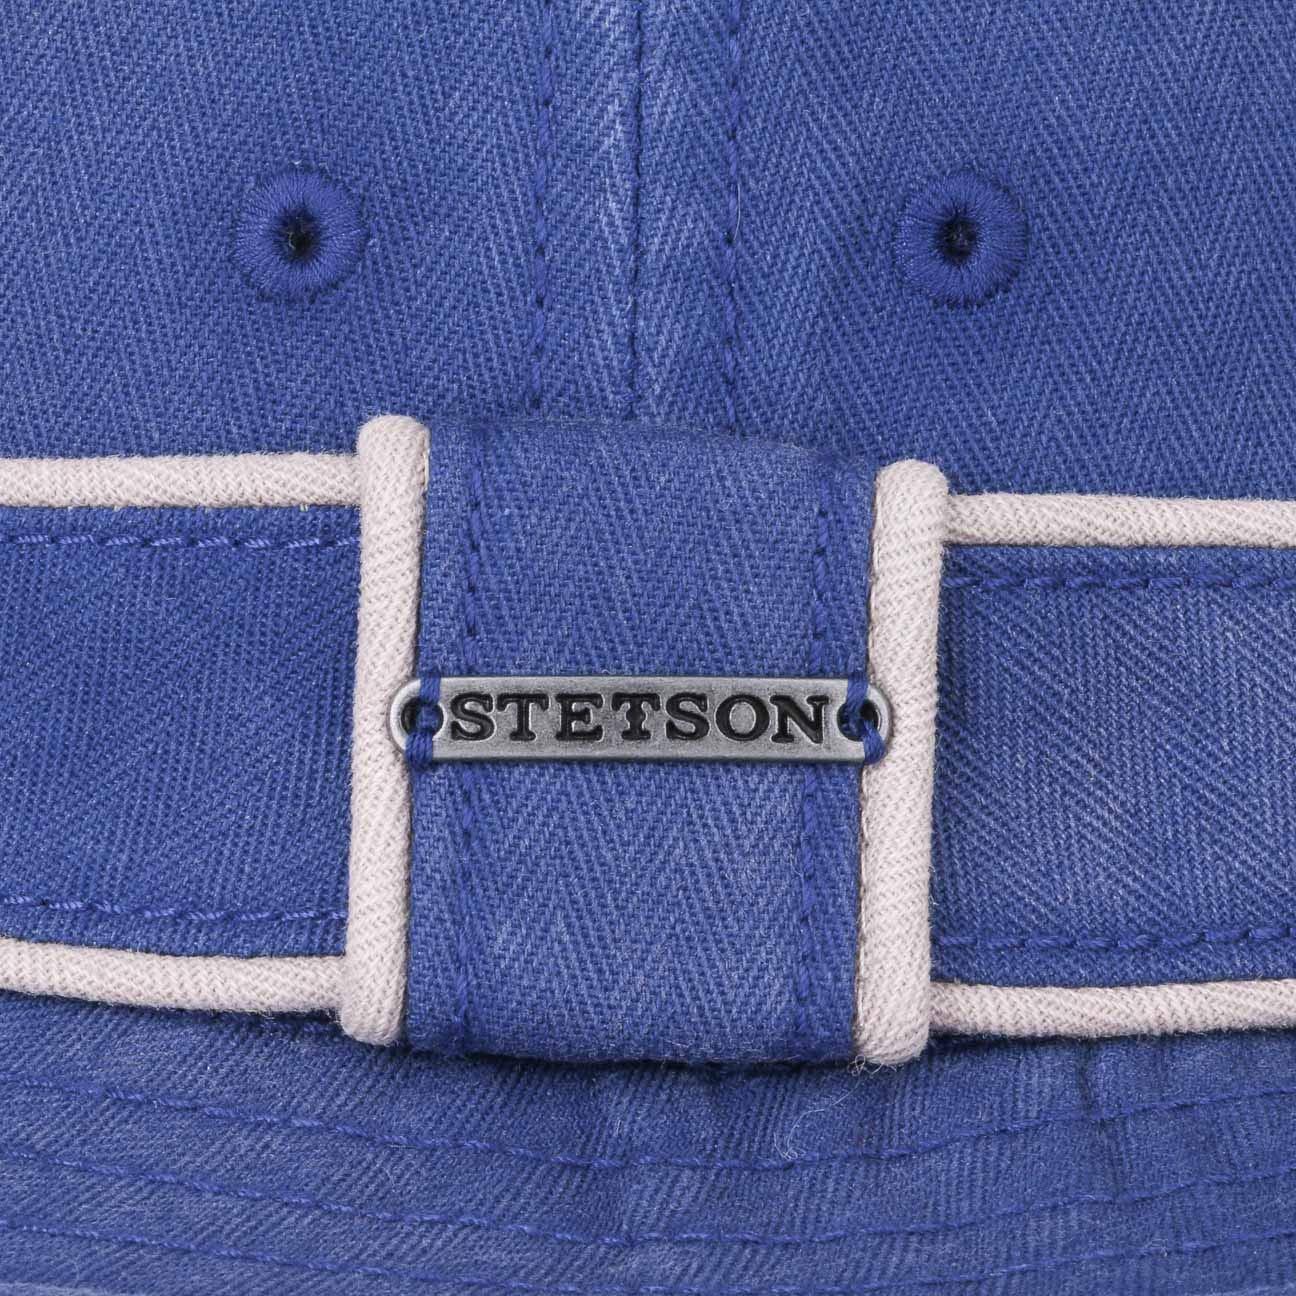 Stetson Norwood Diamond Pork Pie Hat Men Cloth Cotton Summer Summer-Winter